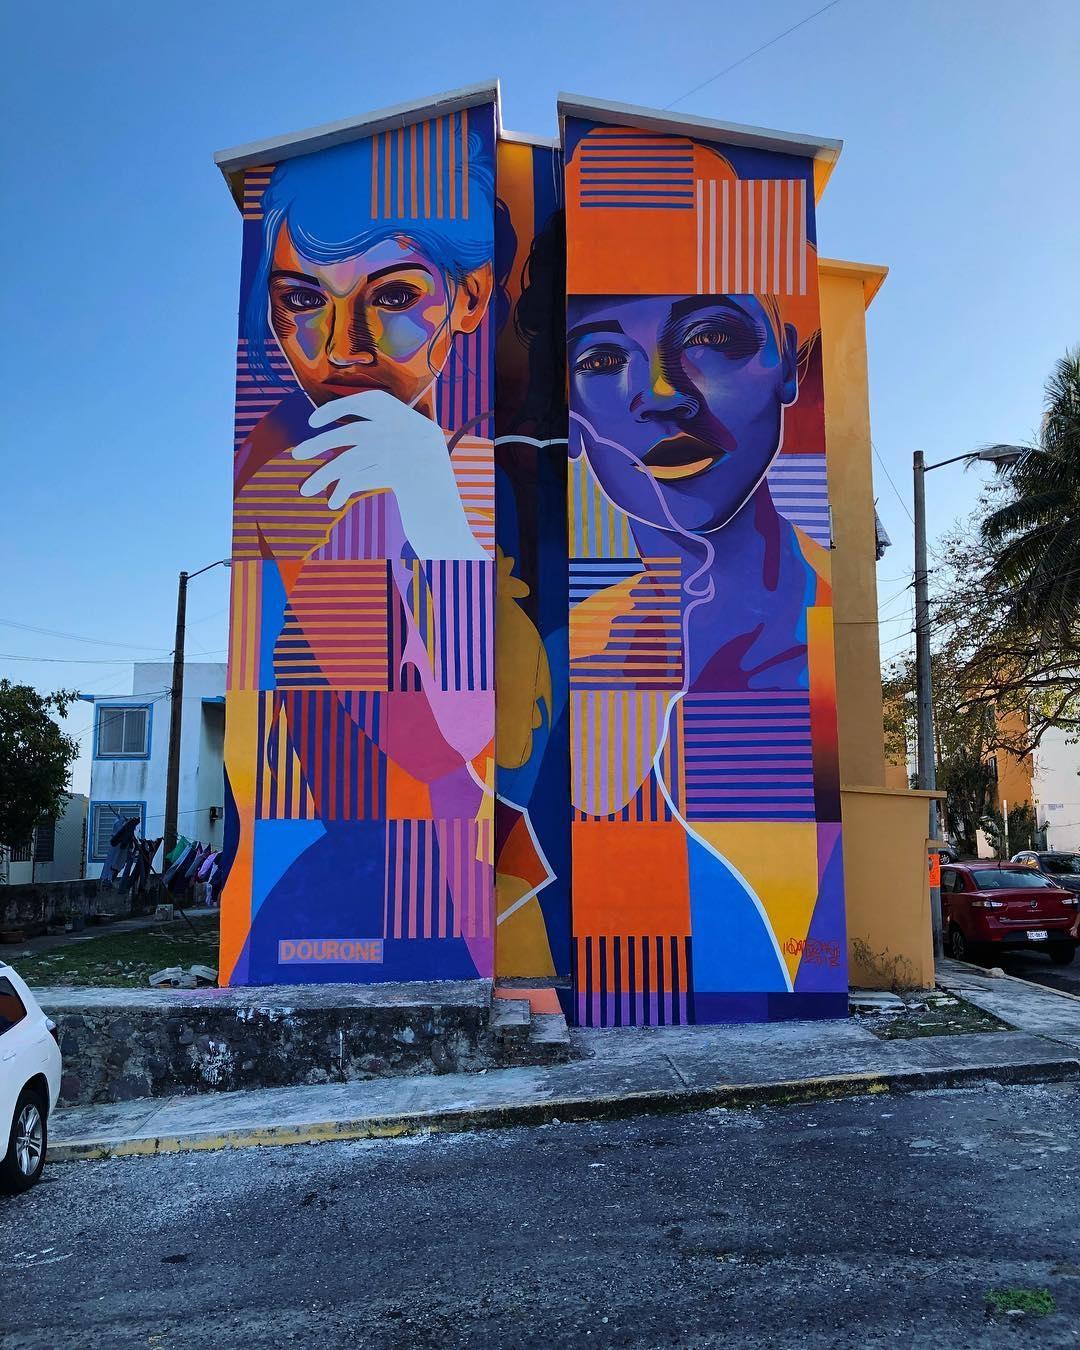 dourone - street art - vera cruz - mexico